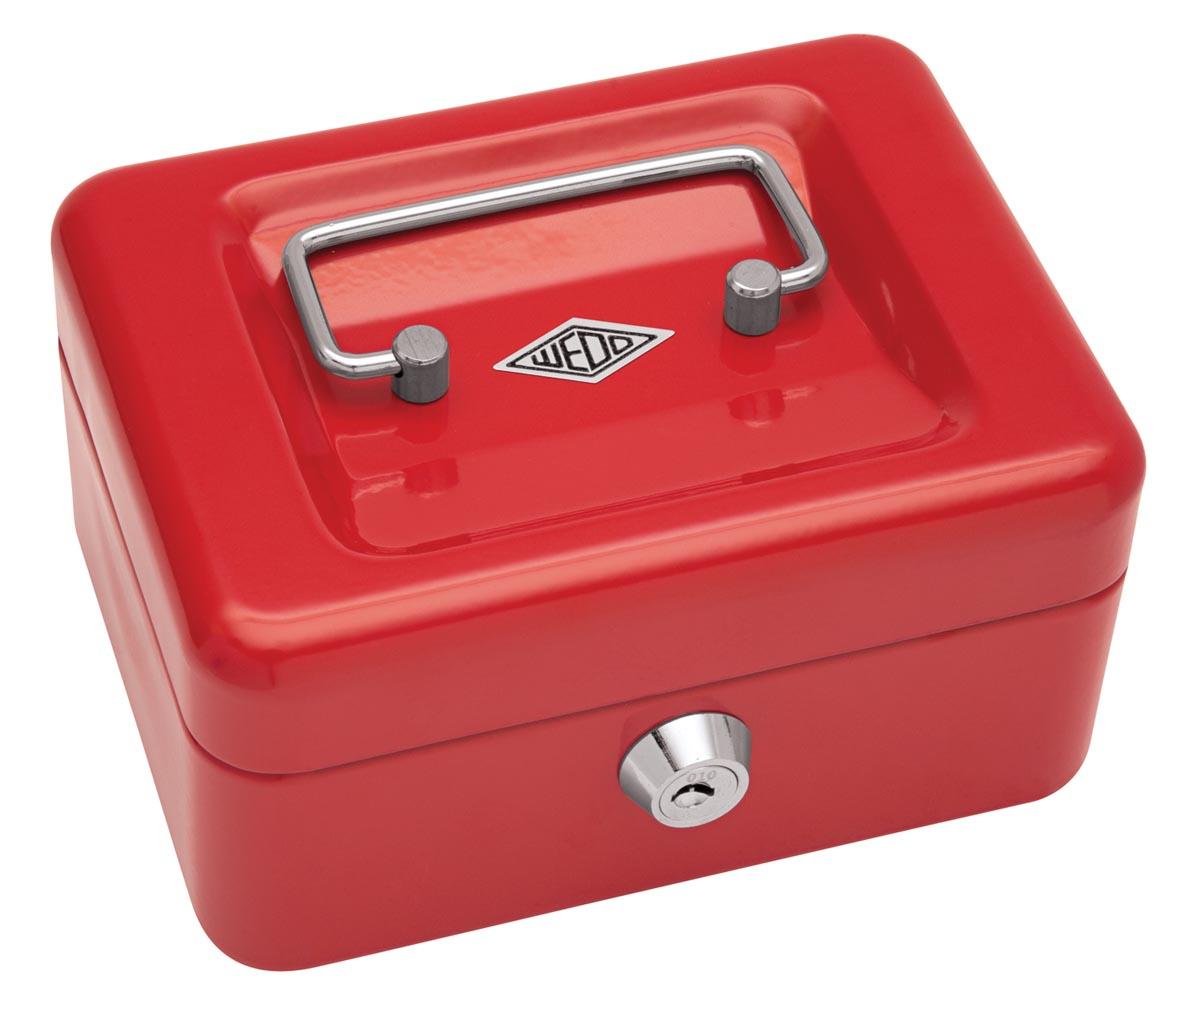 Wedo geldkoffer, ft 12,5 x 11,5 x 8 cm, rood